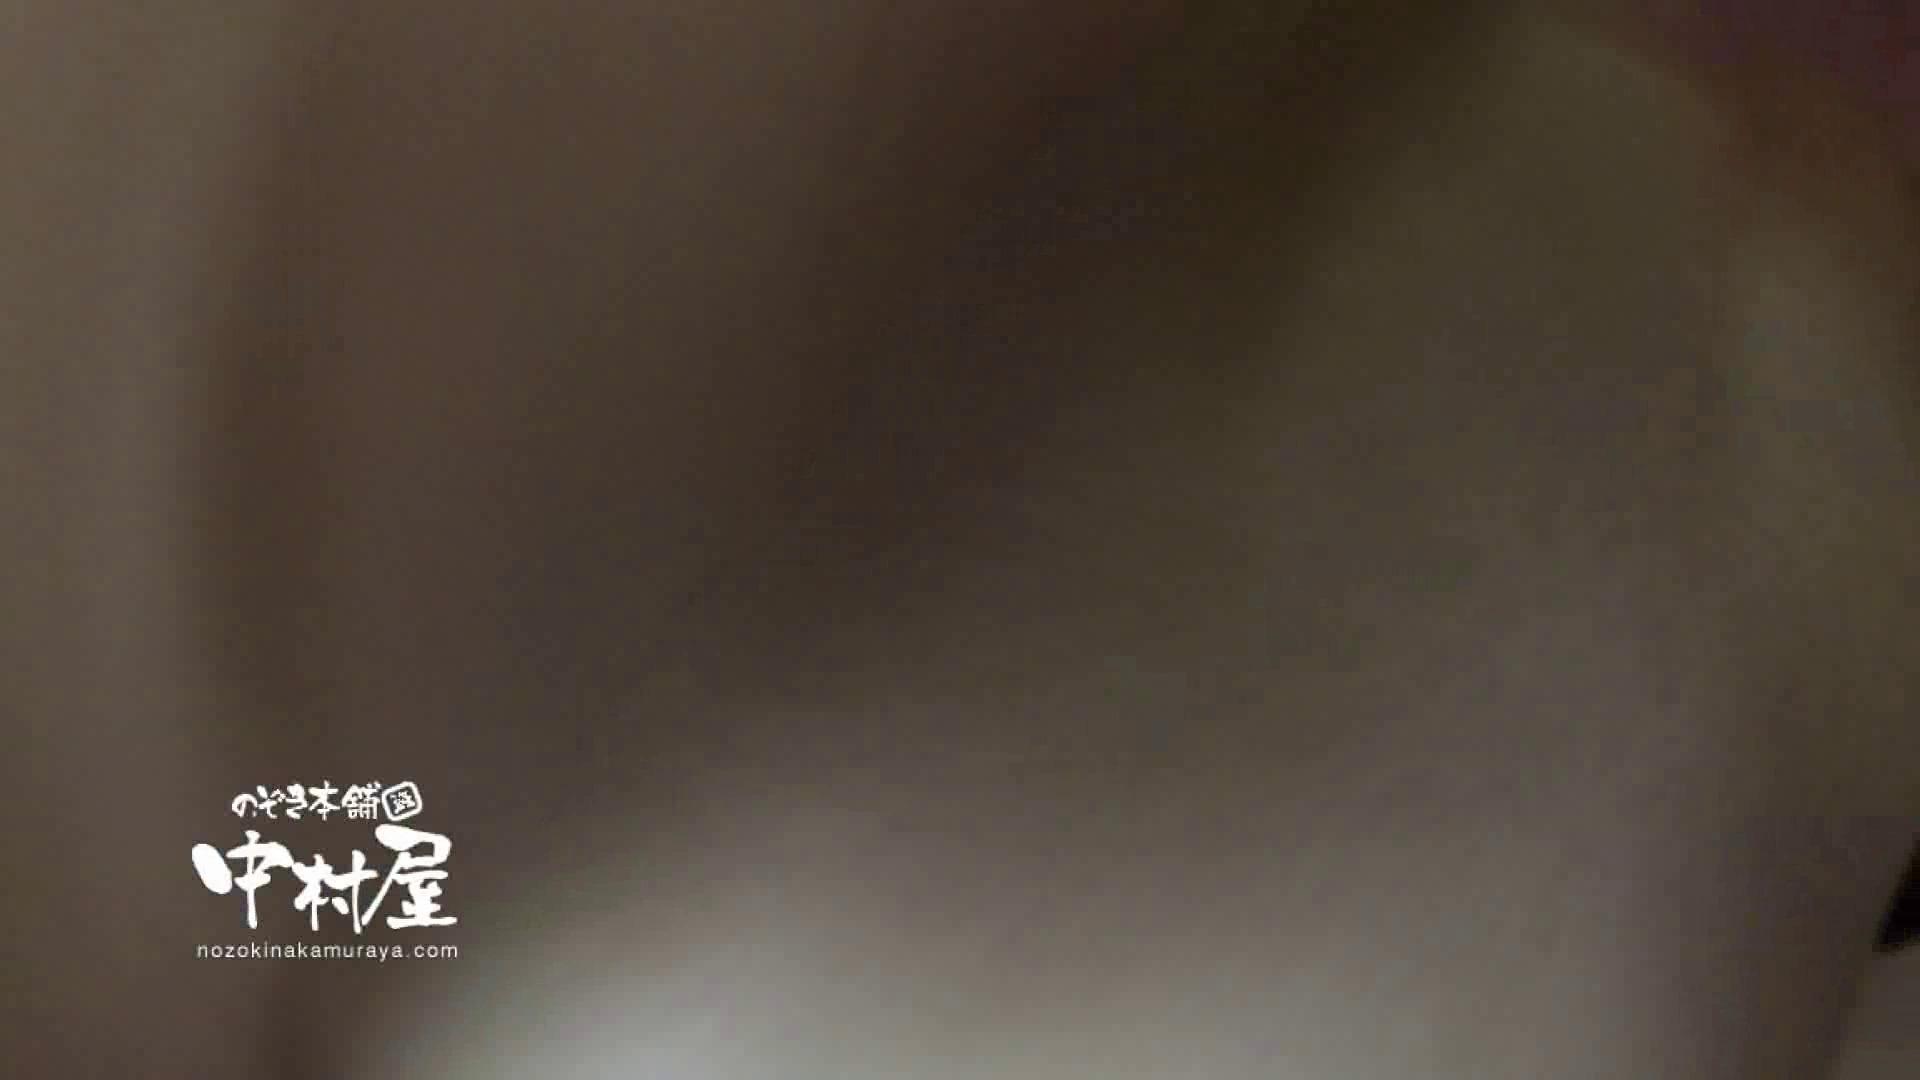 鬼畜 vol.15 ハスキーボイスで感じてんじゃねーよ! 前編 OLハメ撮り  94Pix 37